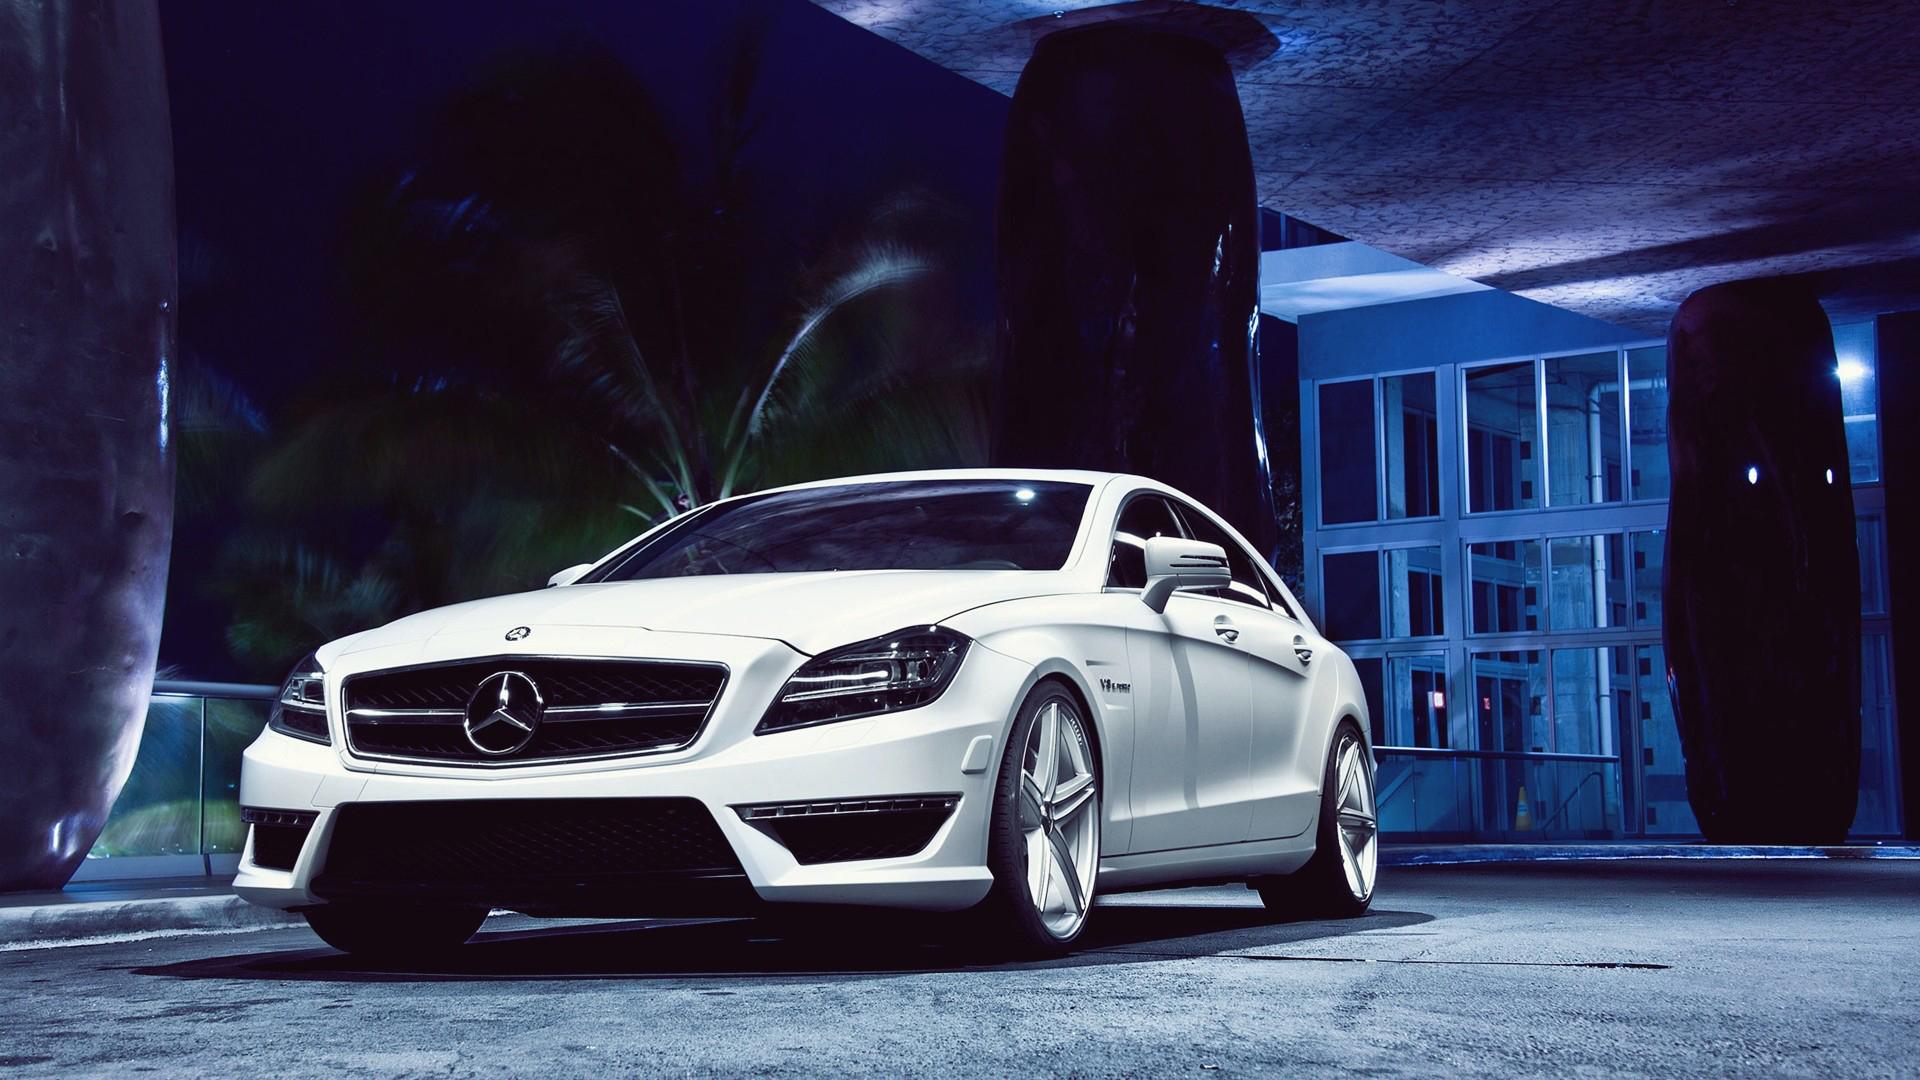 Mercedes CLS63 Wallpaper